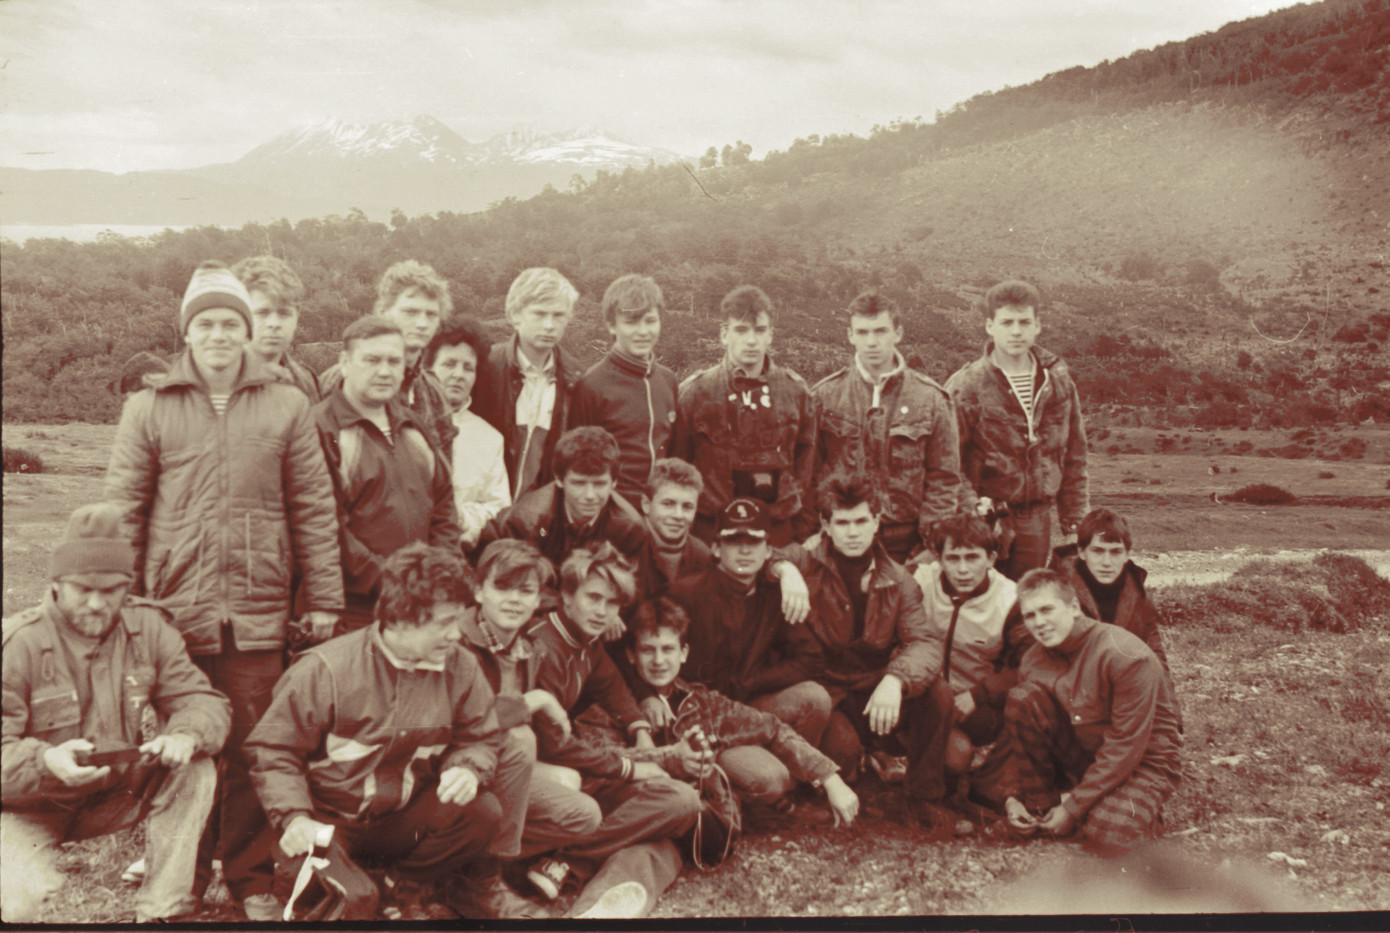 Группа советских юных моряков на фоне мыса Горн (со стороны природного заповедника на Огненной земле)